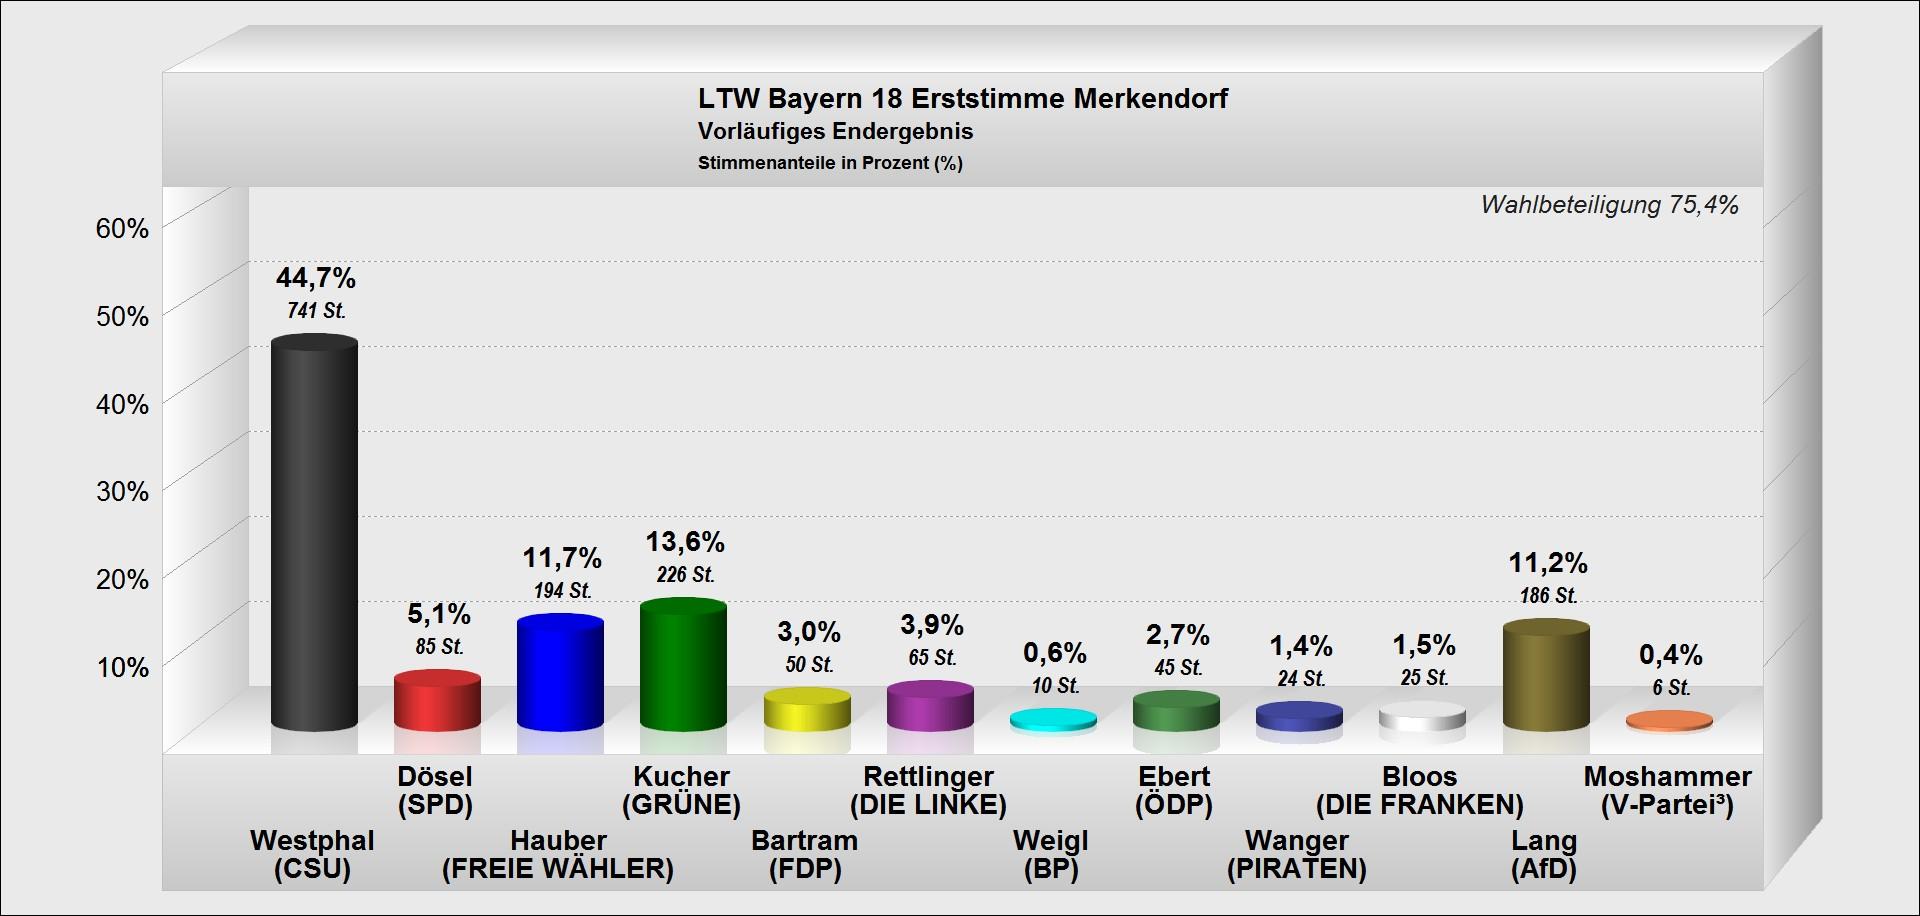 Ergebnis Erststimmen bei der Landtagswahl